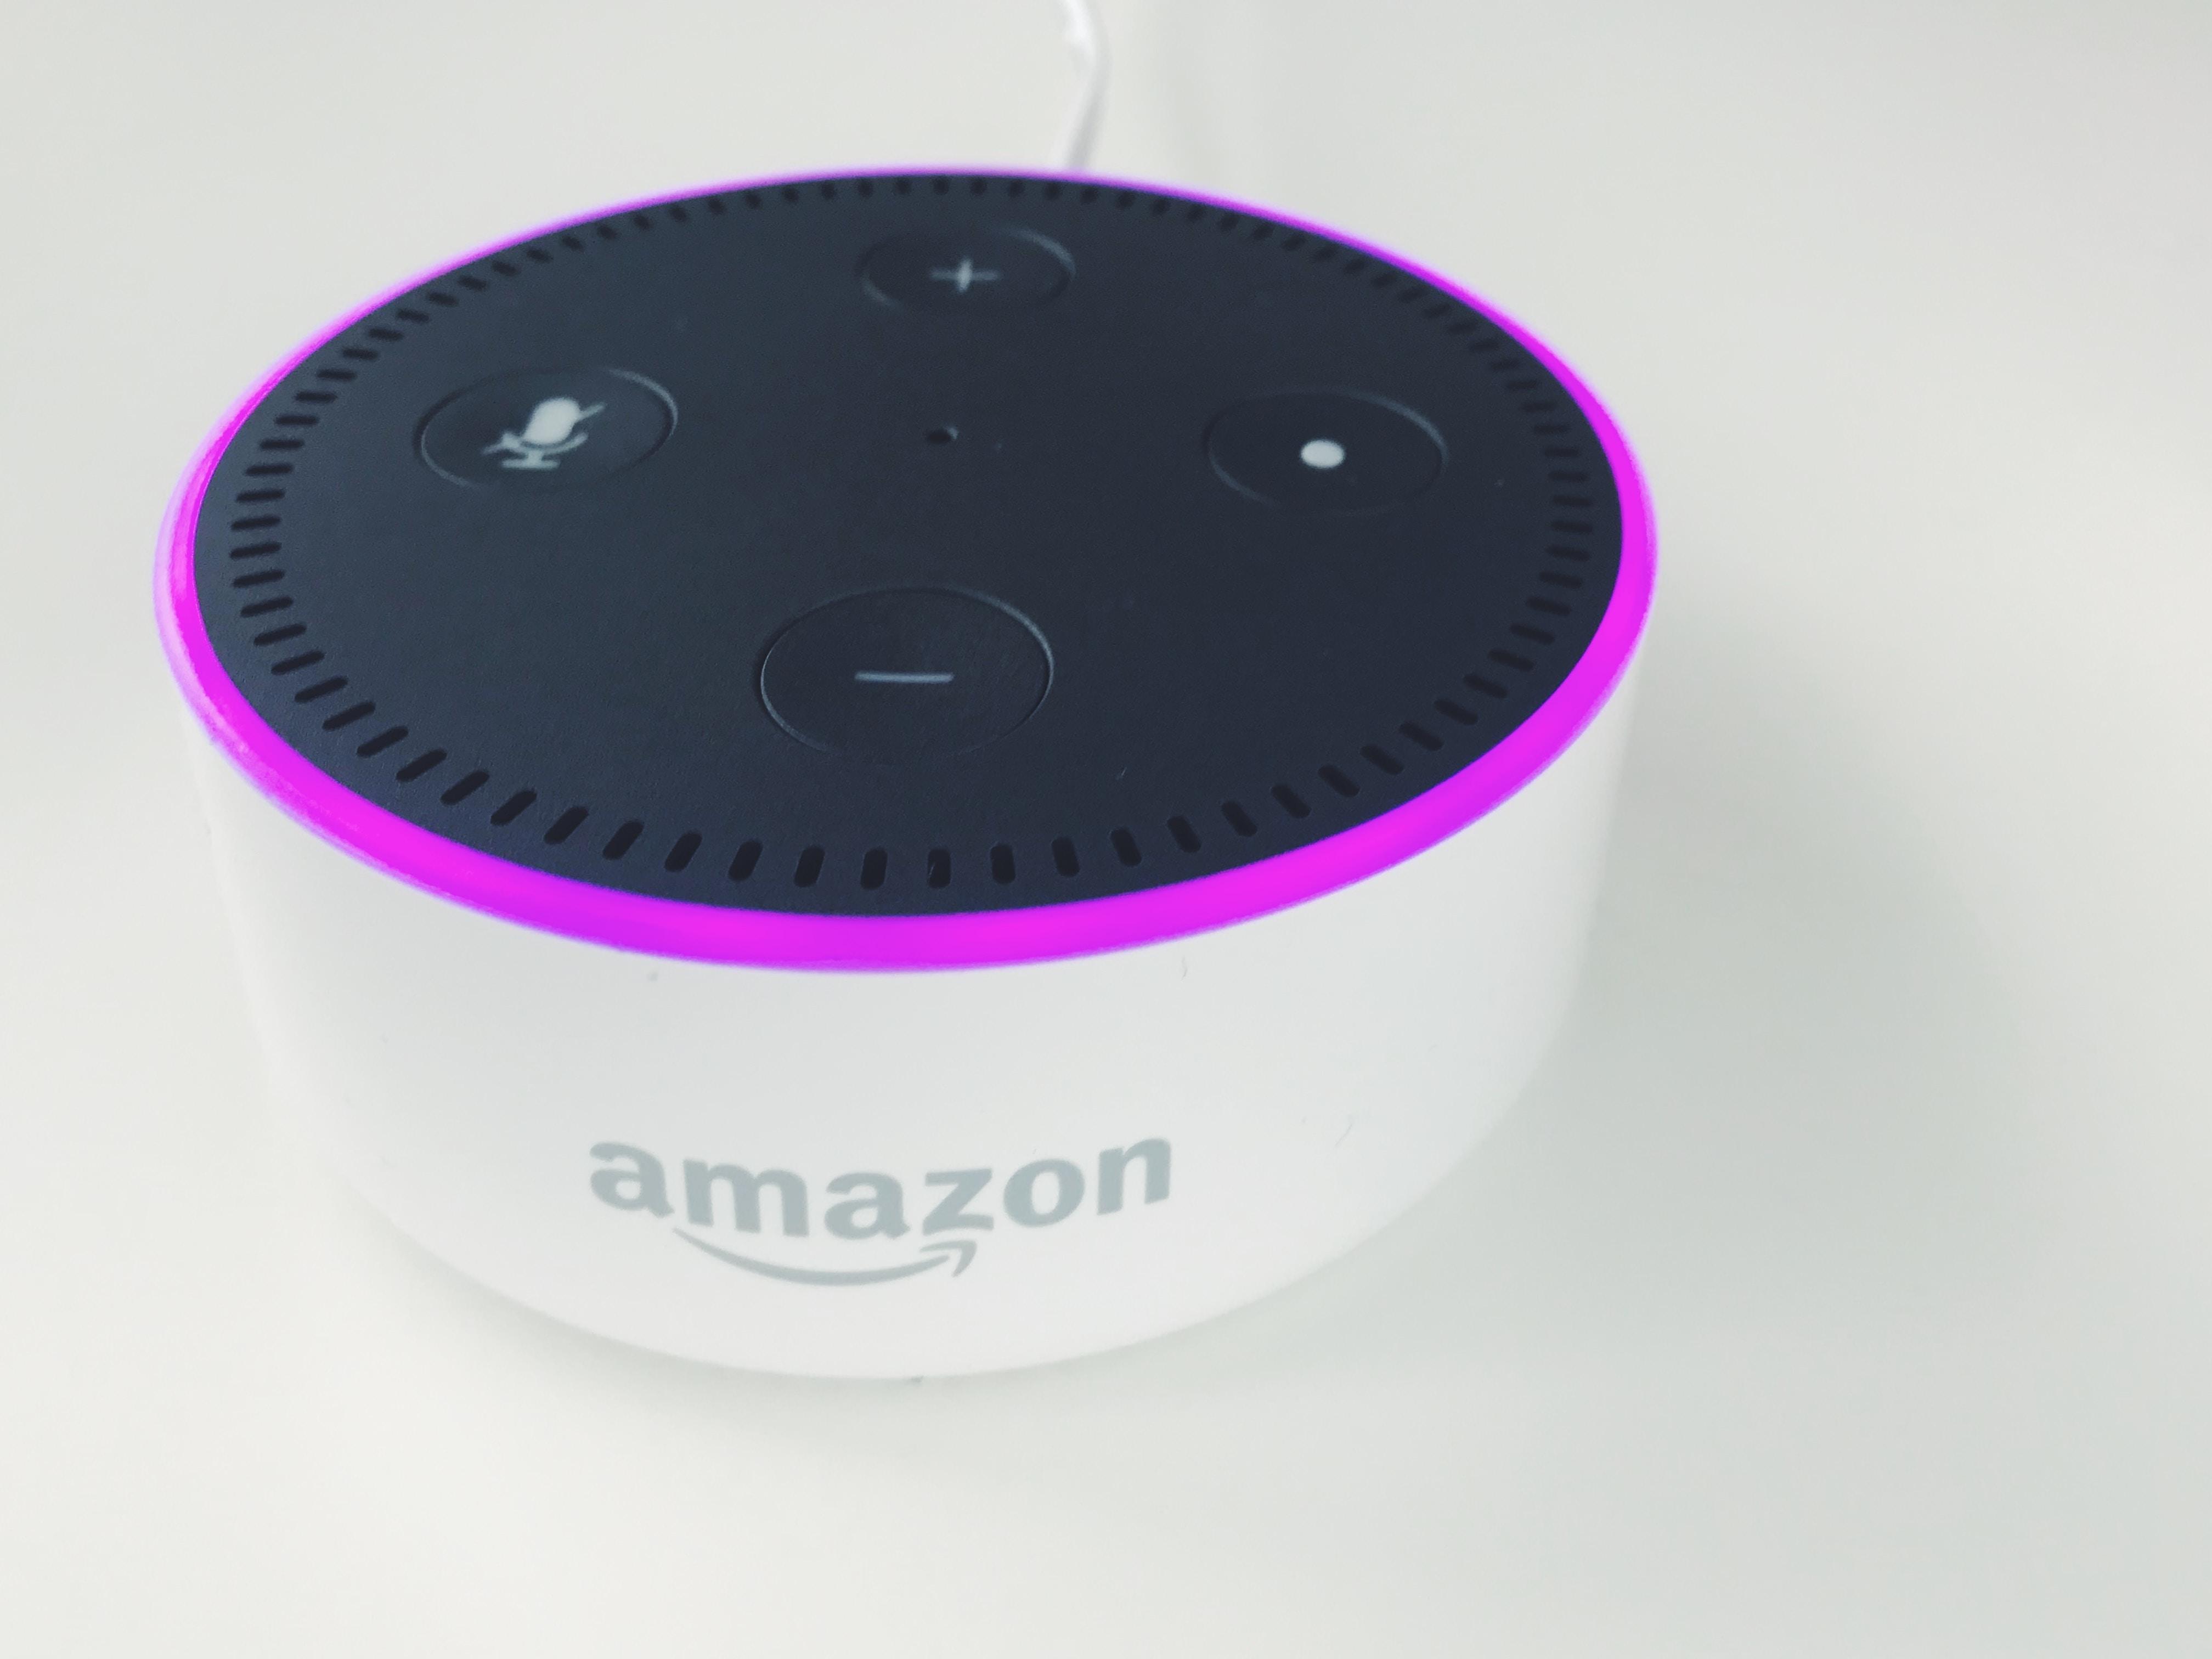 round black and white Amazon Echo Dot